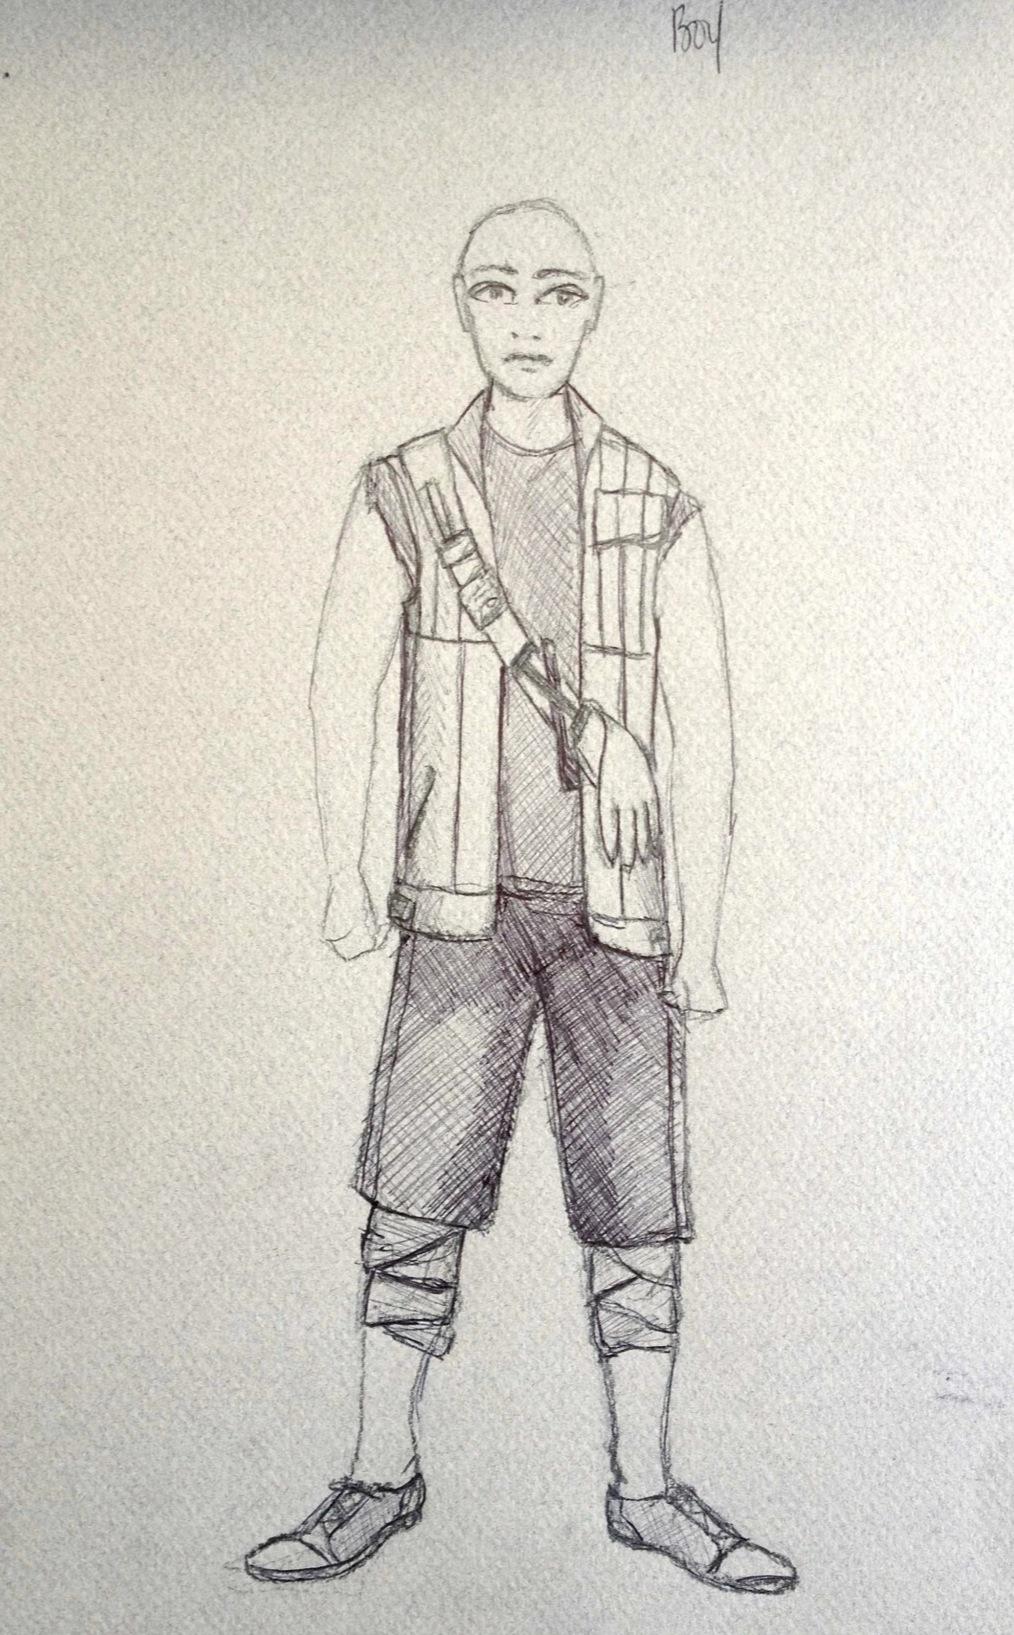 Boy - Mar 10, 2013 2-24 PM copy.jpg